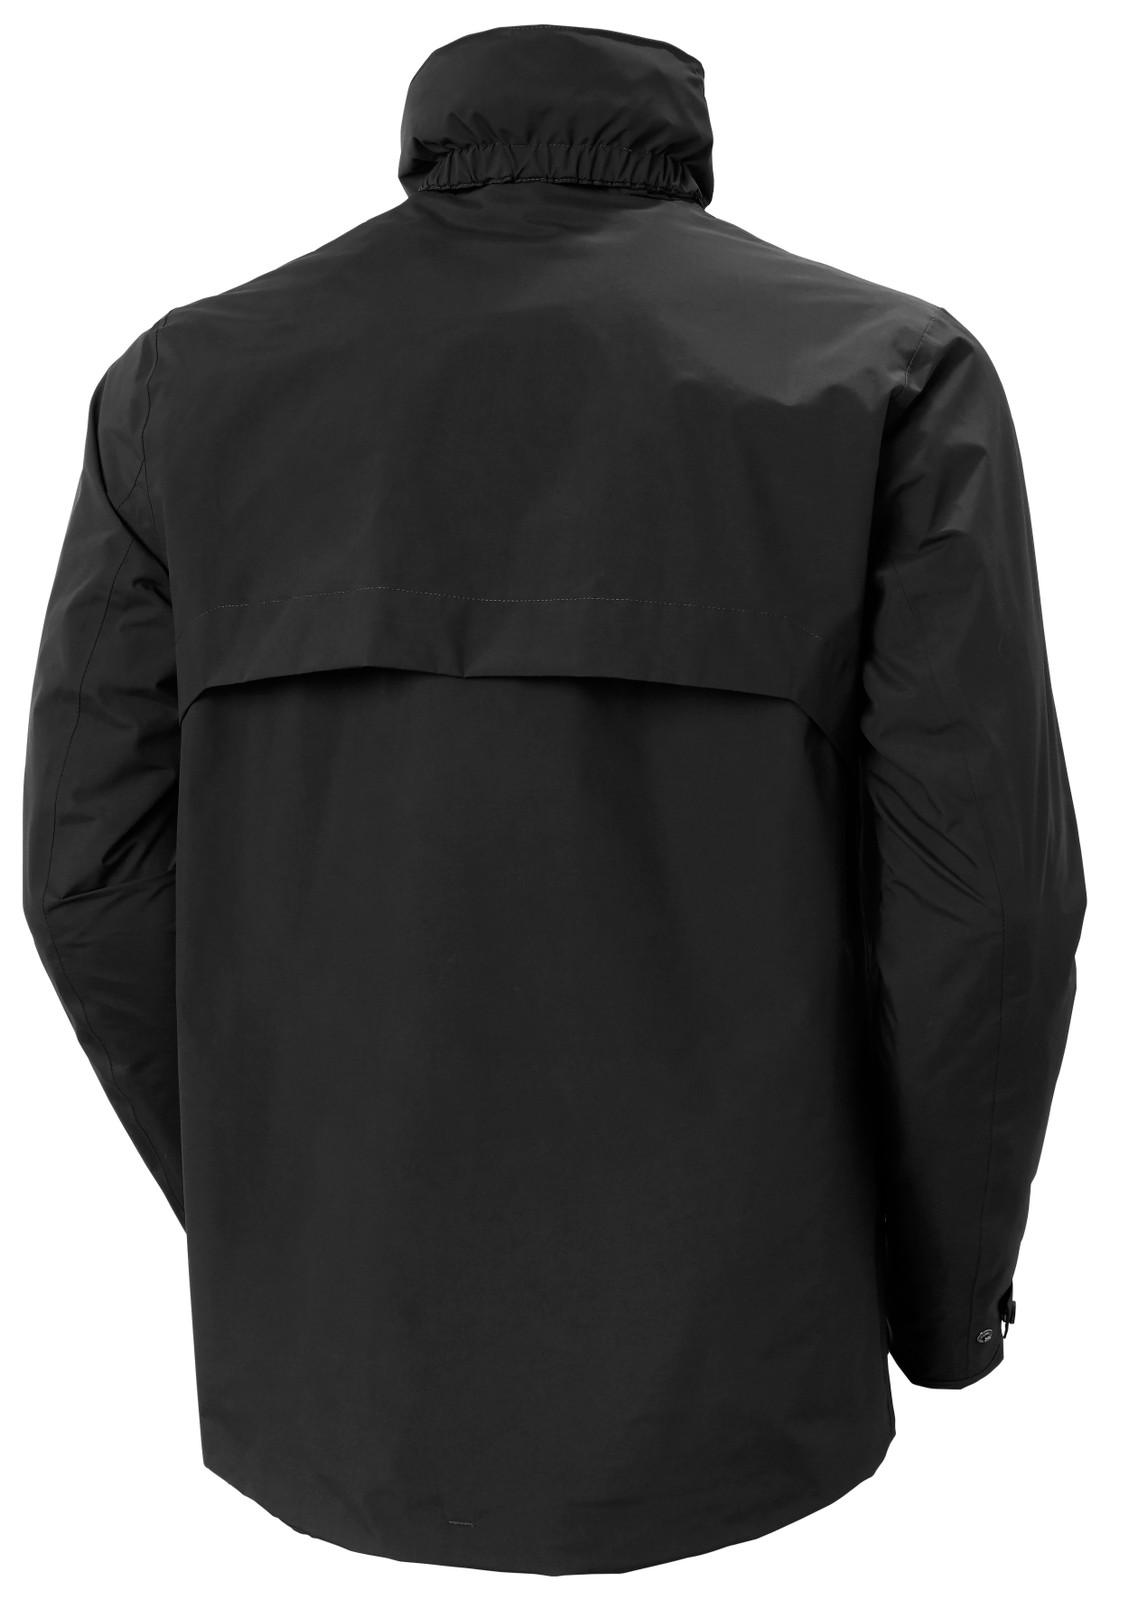 Helly Hansen Utility Rain Jacket, Men's - Black, 53415-990 back